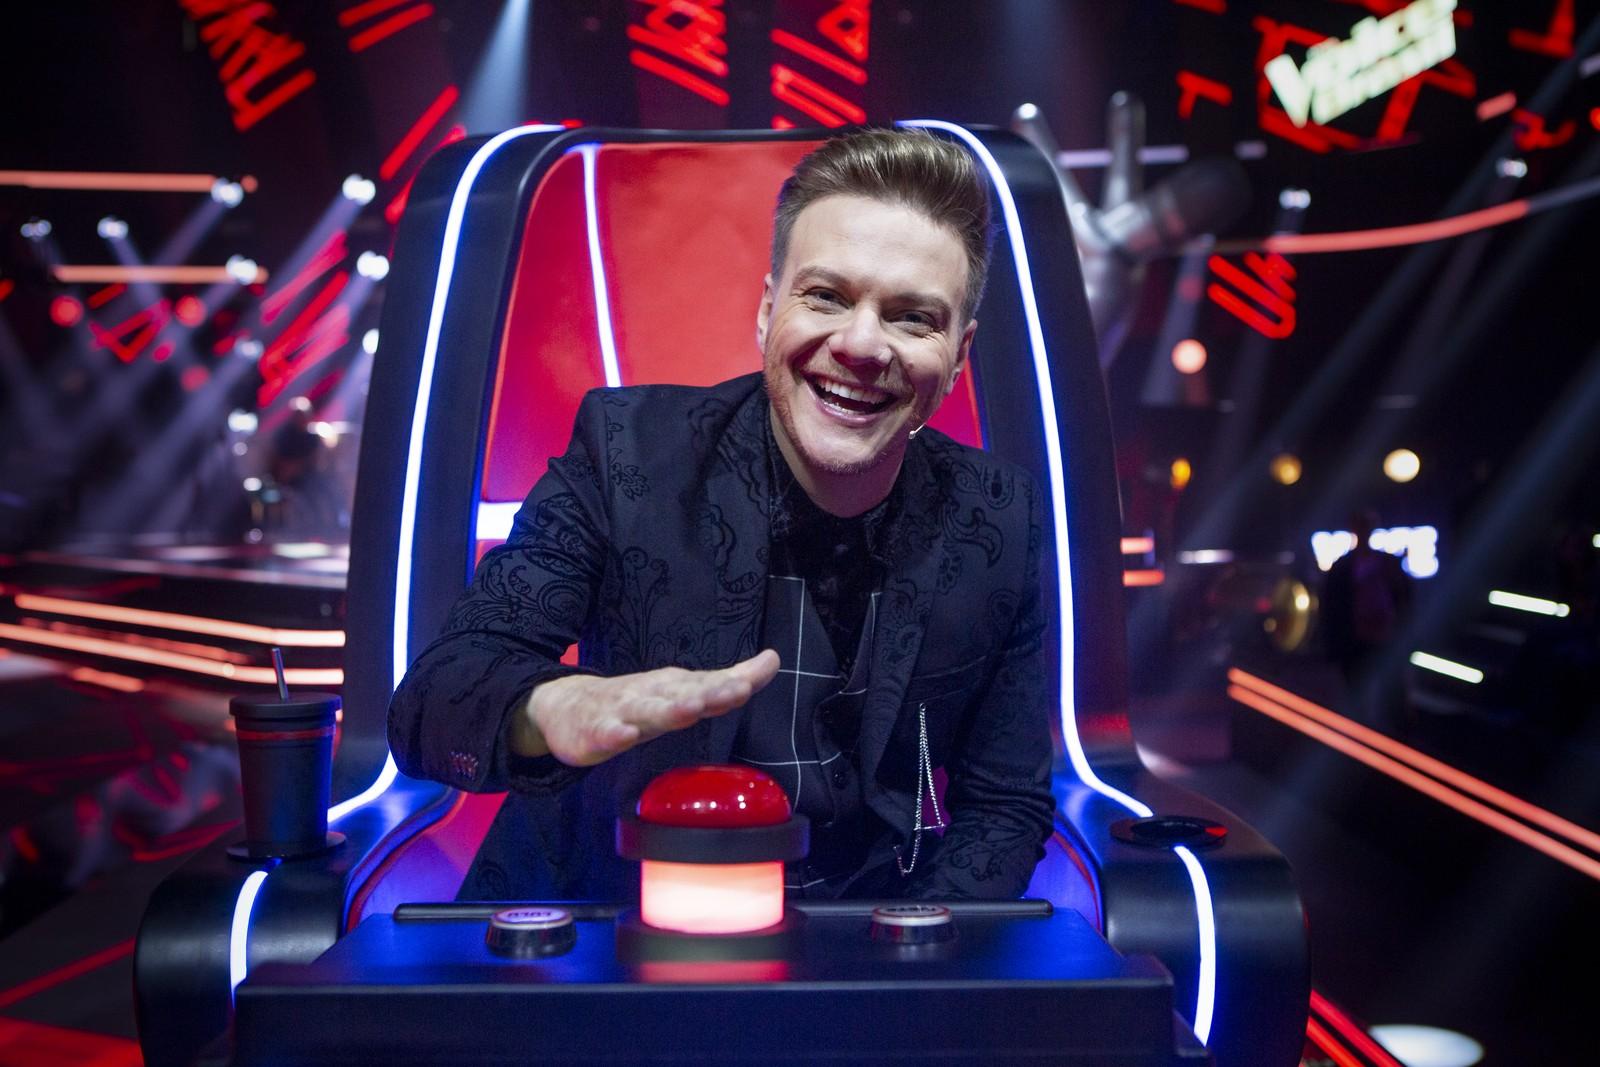 O cantor Michel Teló, técnico do programa The Voice Brasil (Foto: Reprodução)